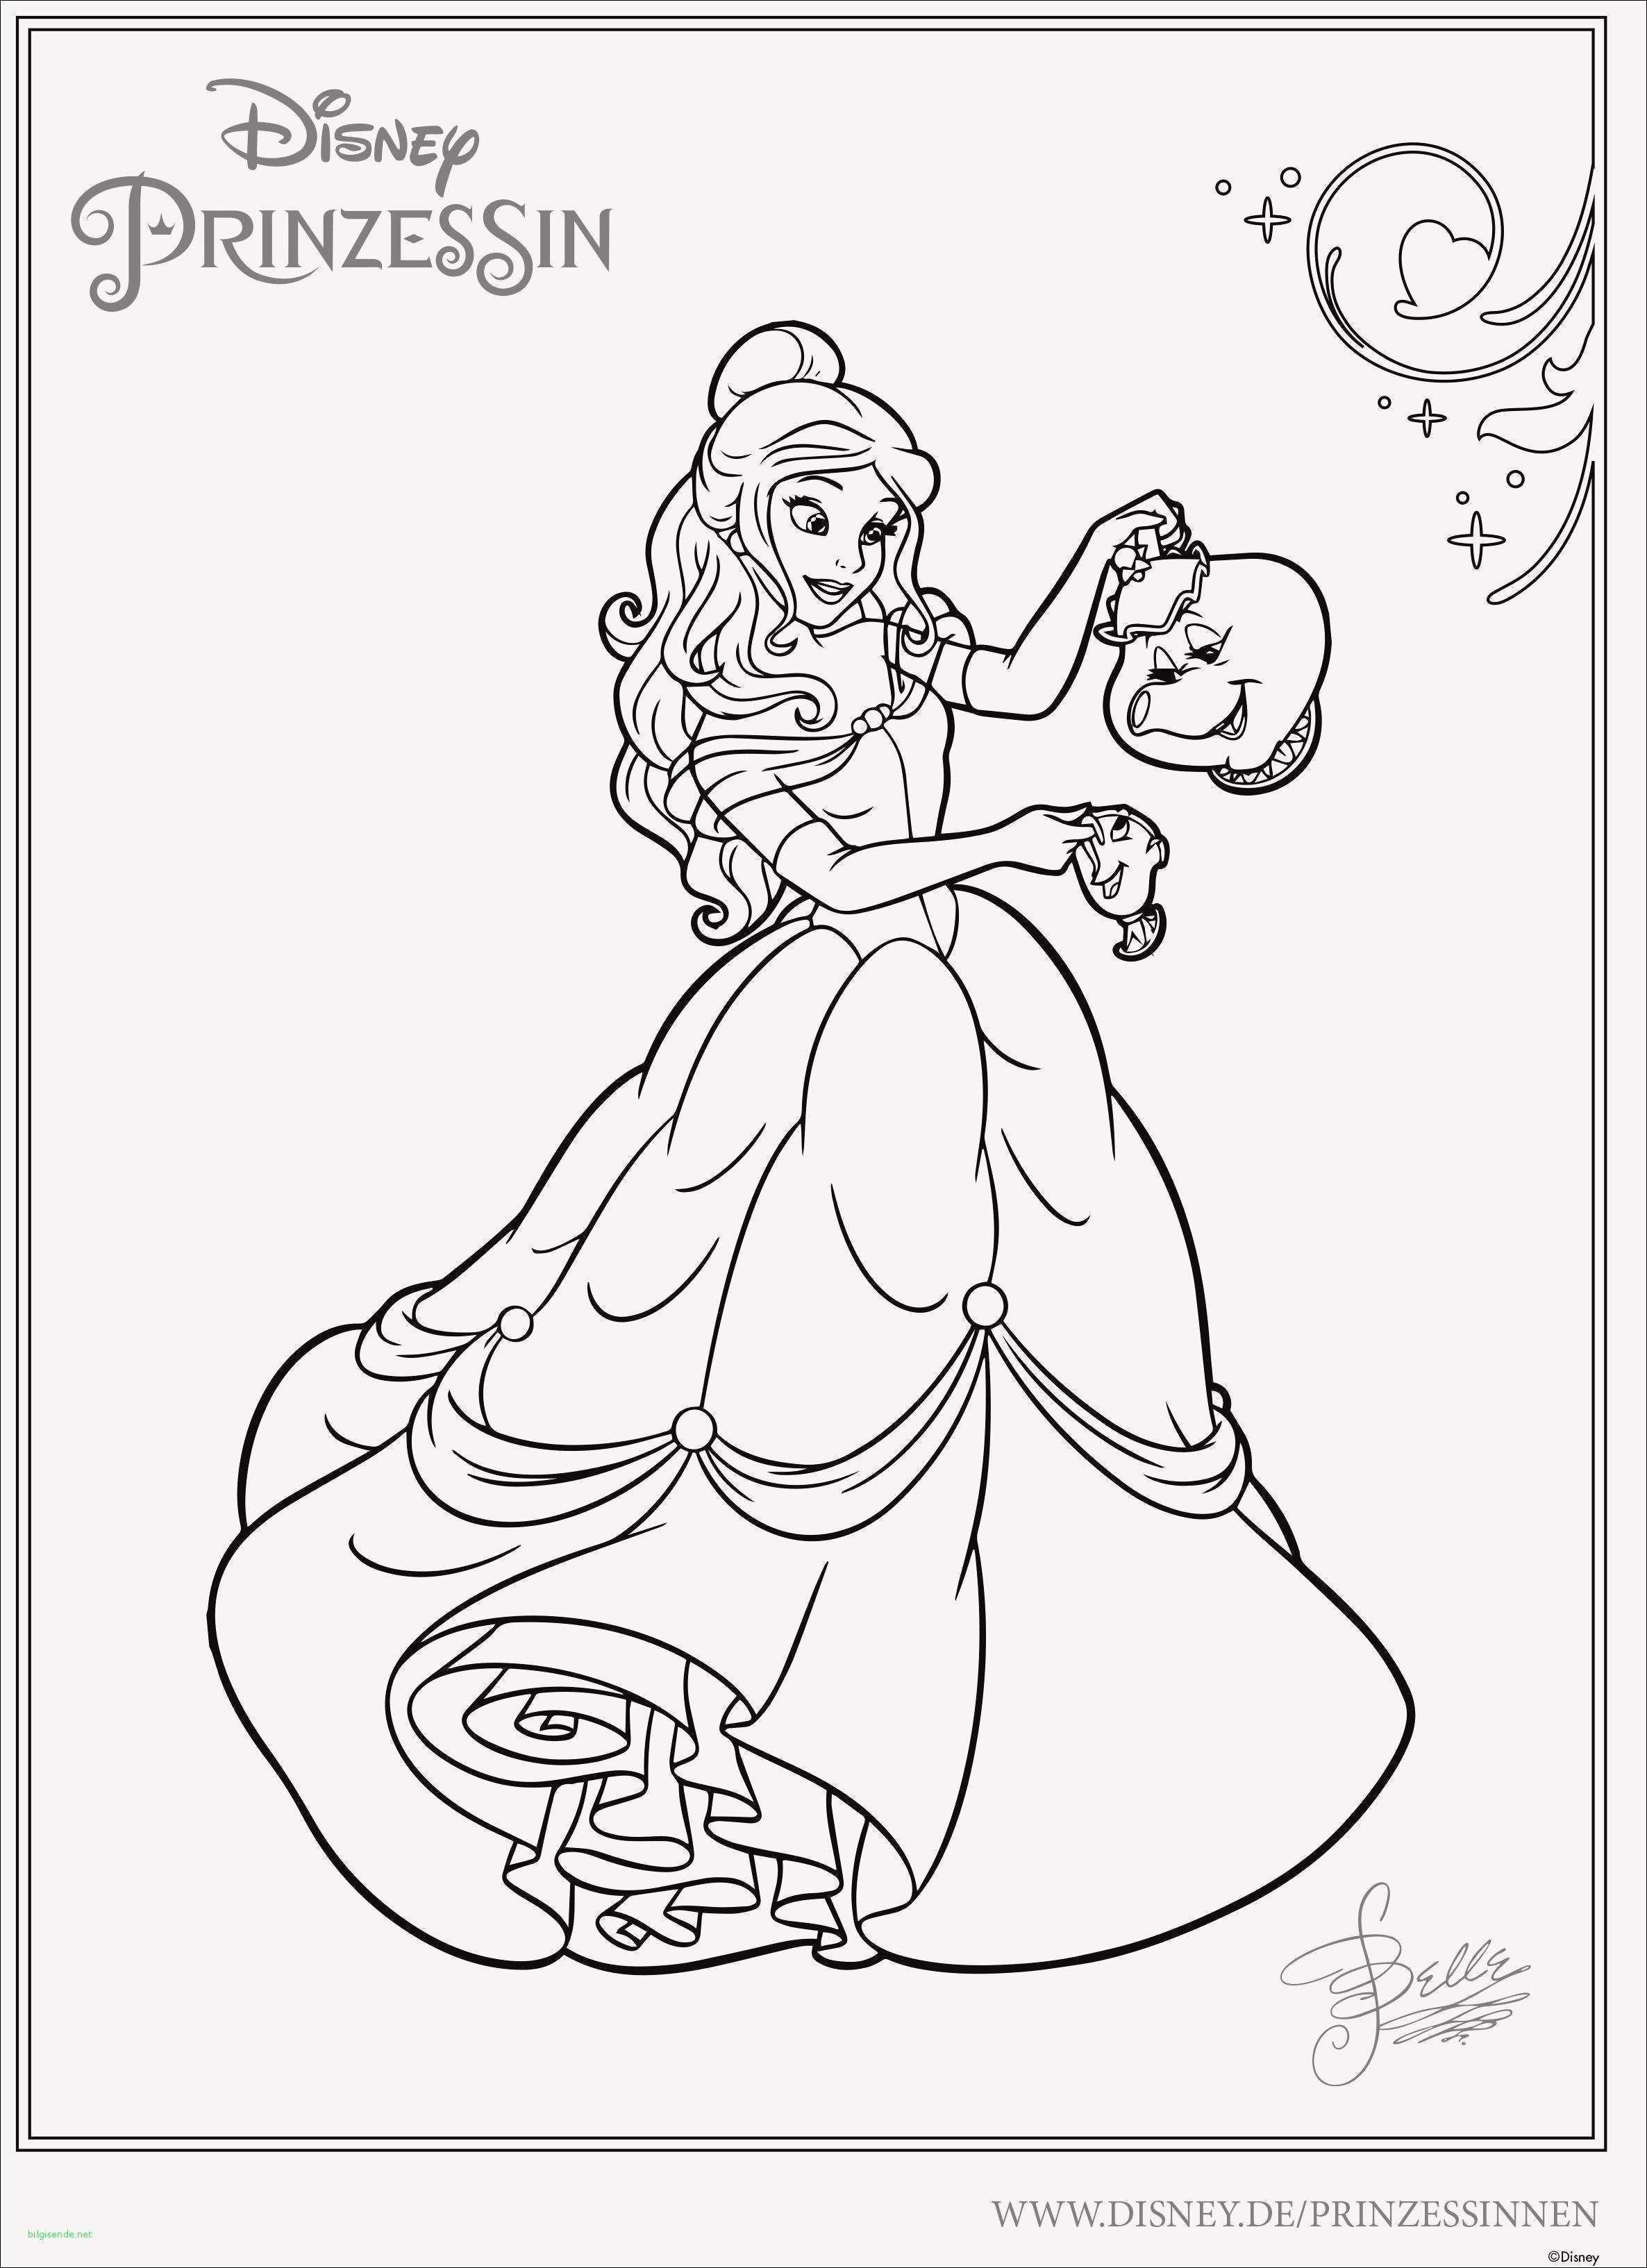 Malvorlagen Prinzessin Lillifee Neu Prinzessin Lillifee Malvorlagen Aufnahme 25 Fantastisch Malvorlagen Bild